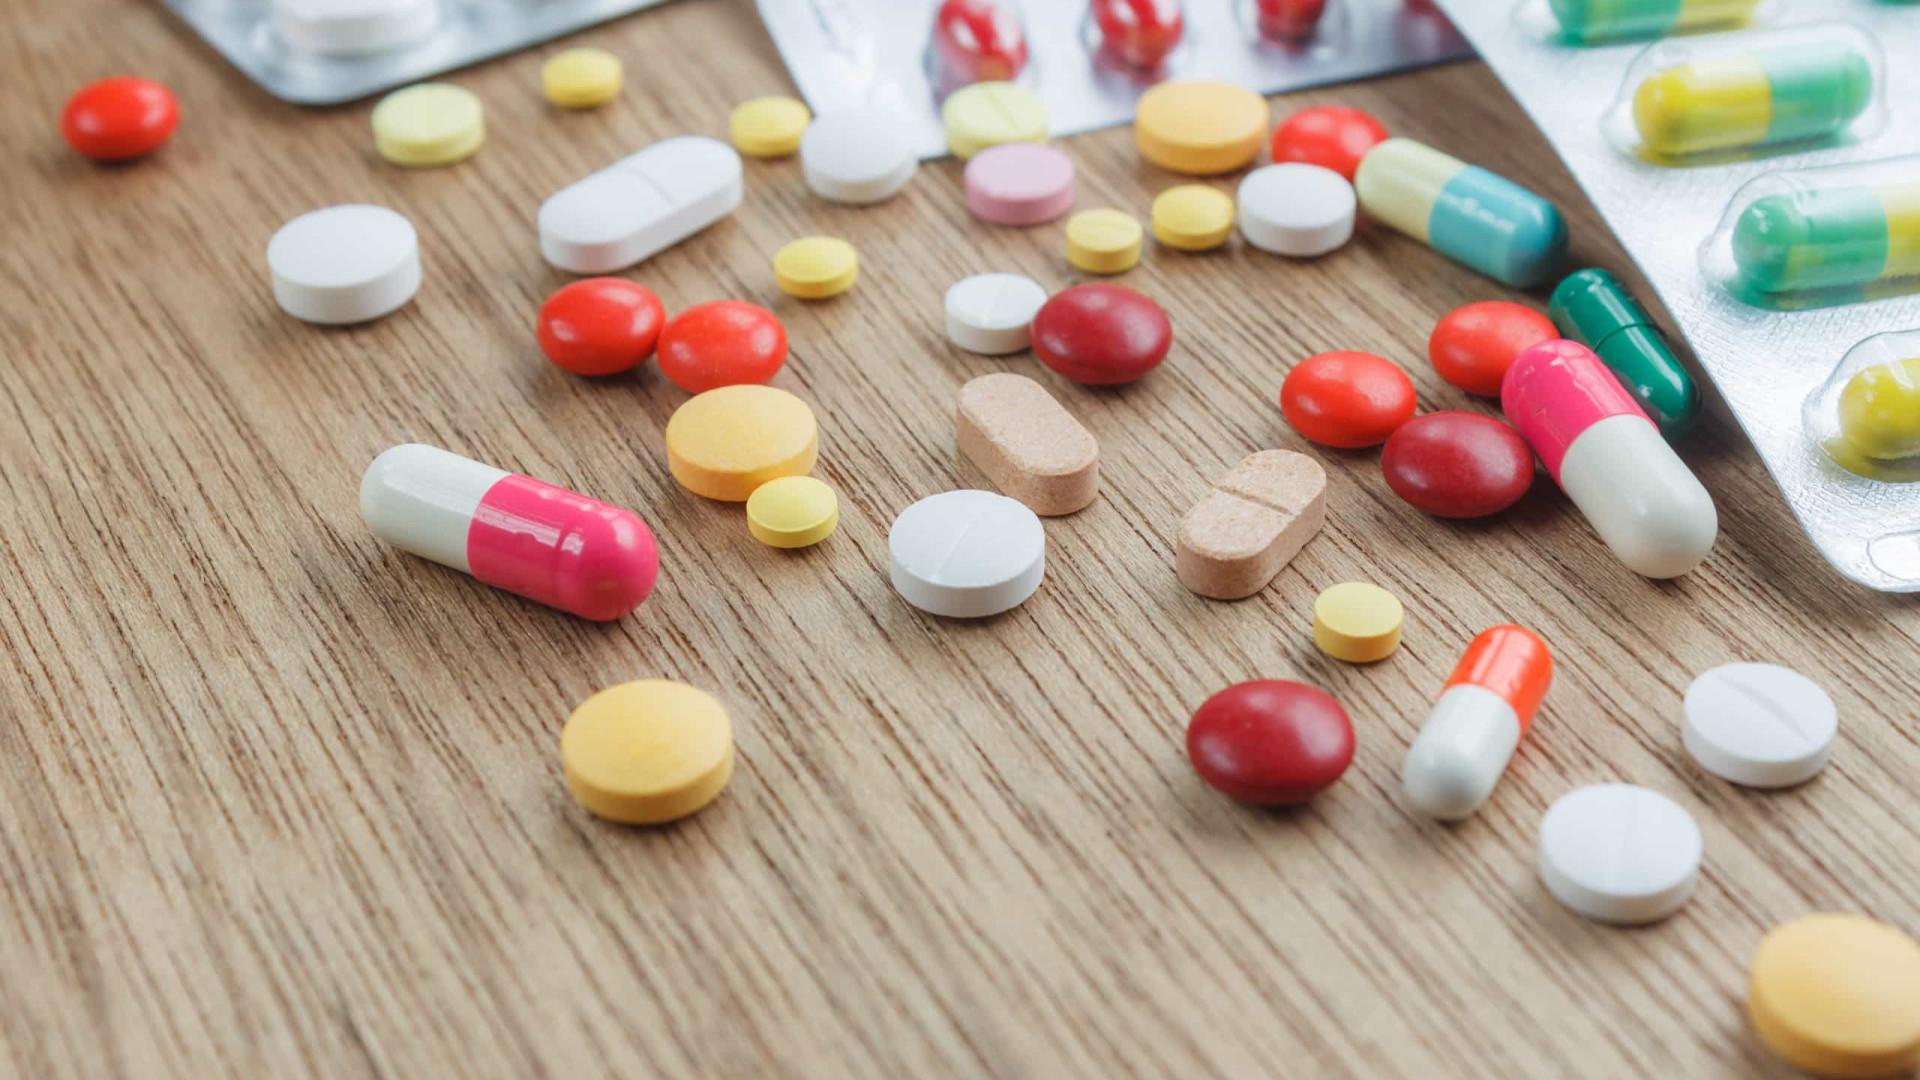 Remédio para azia pode ser a esperança contra a Covid-19